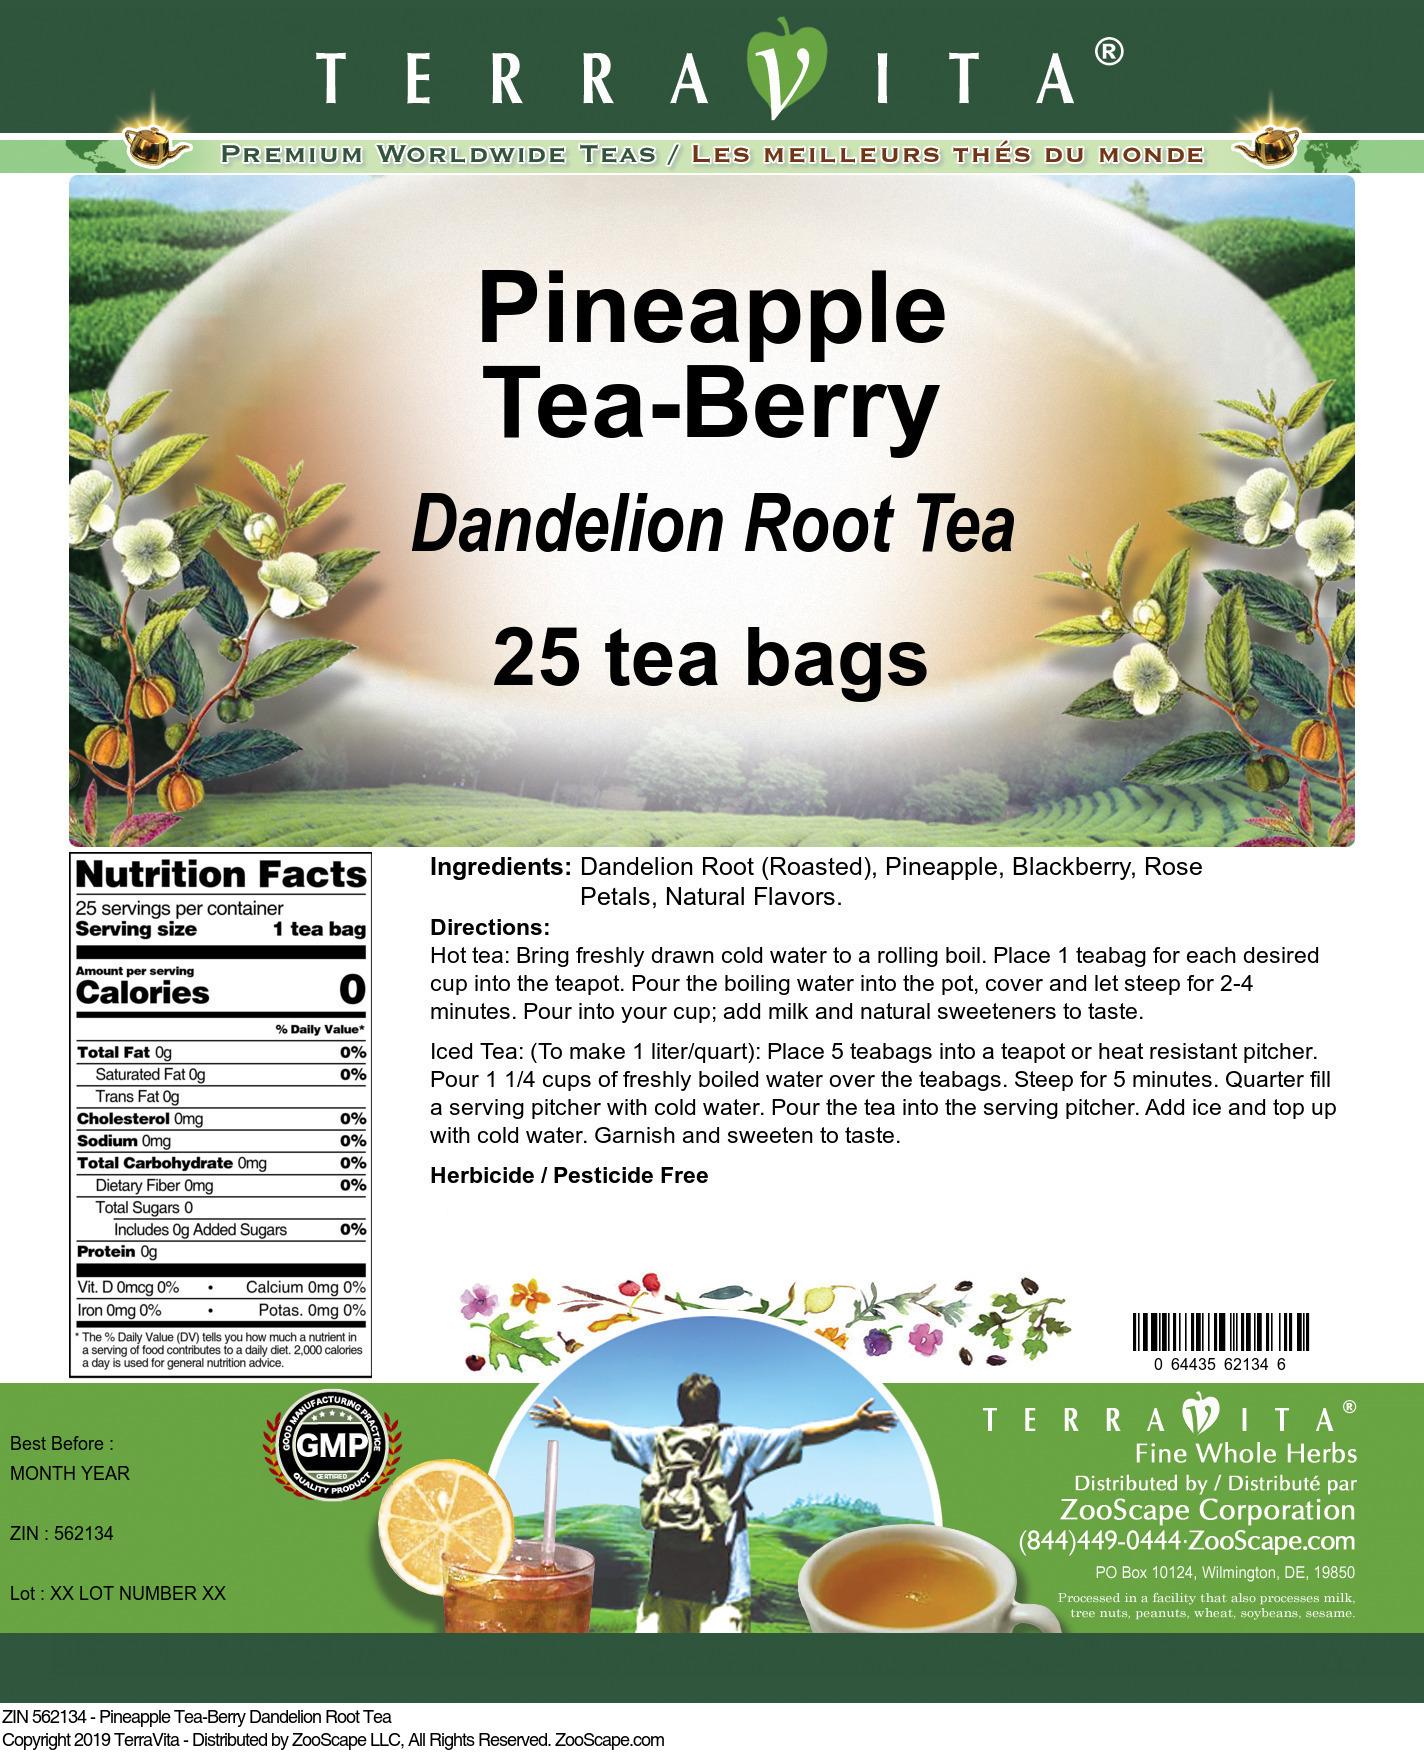 Pineapple Tea-Berry Dandelion Root